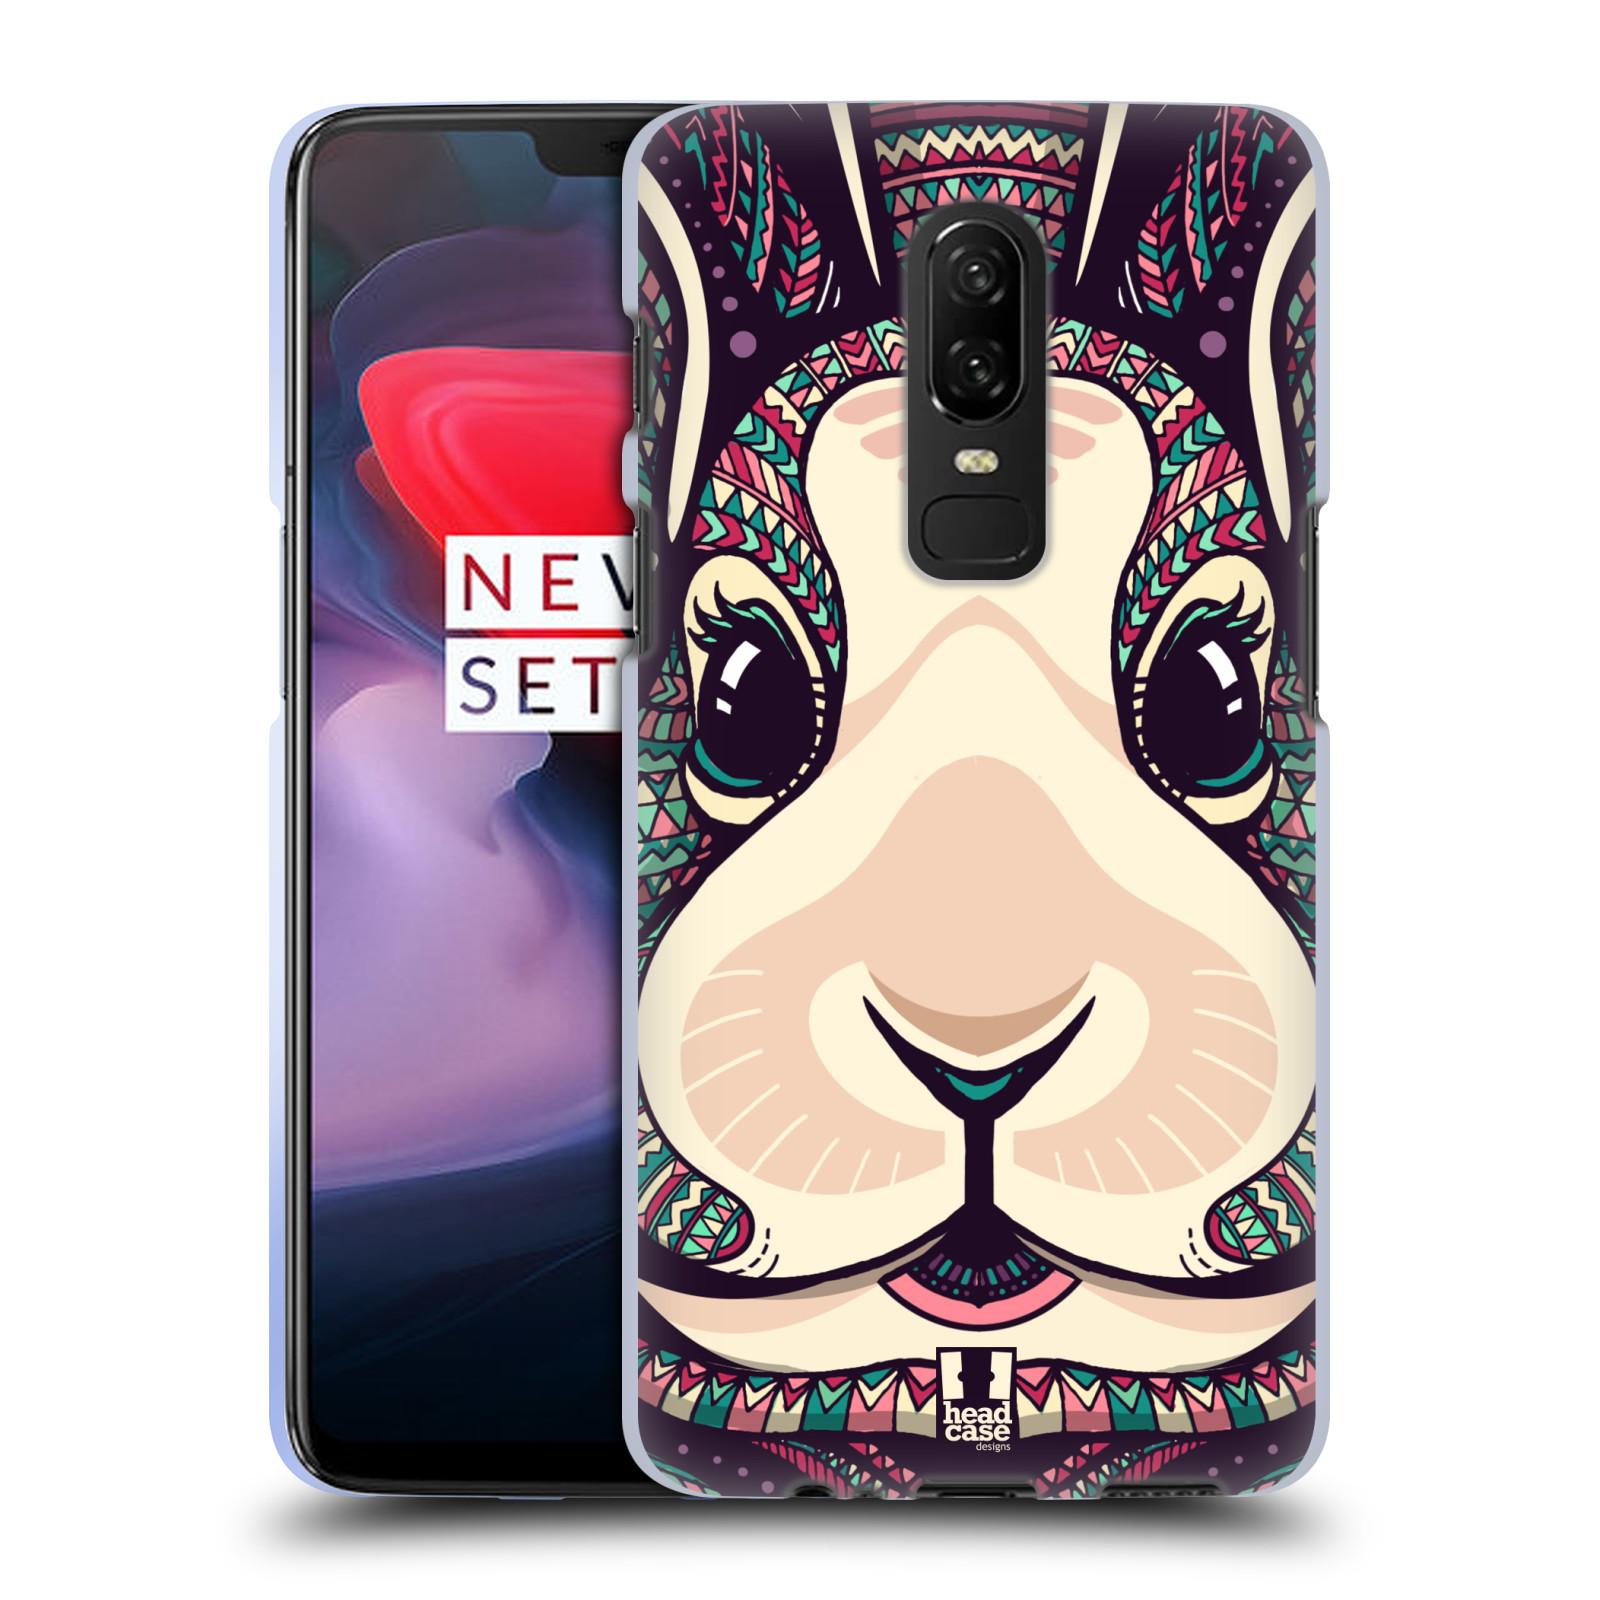 Silikonové pouzdro na mobil OnePlus 6 - Head Case - AZTEC ZAJÍČEK